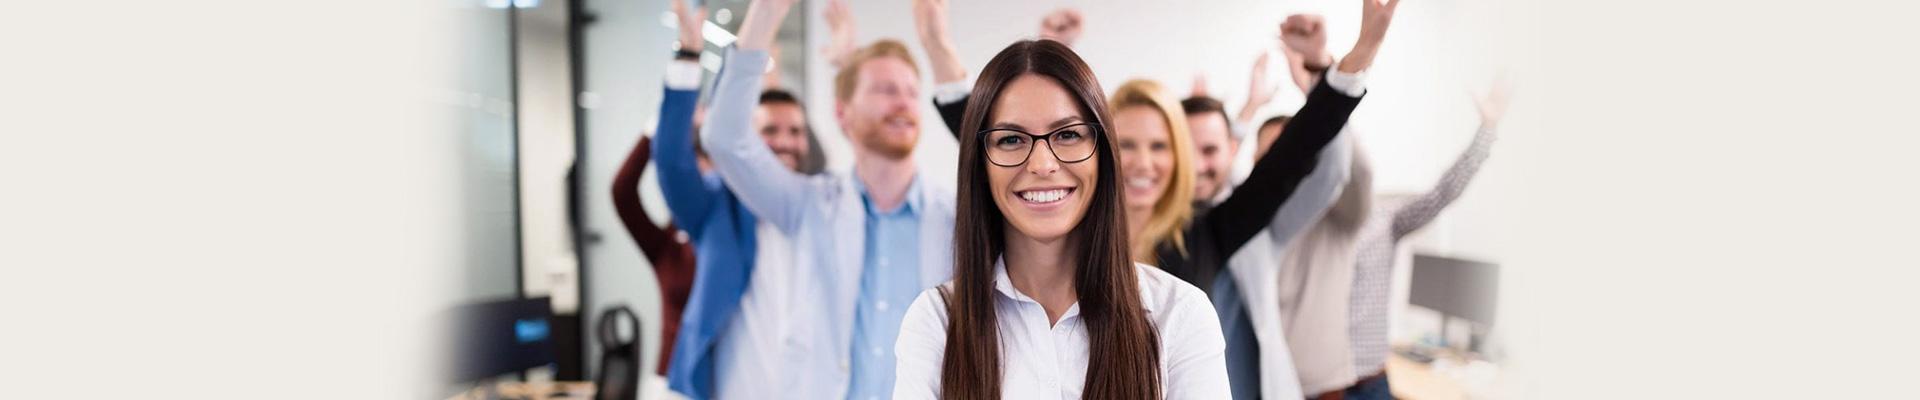 Curso de Terceirização de Equipes em Bares e Restaurantes